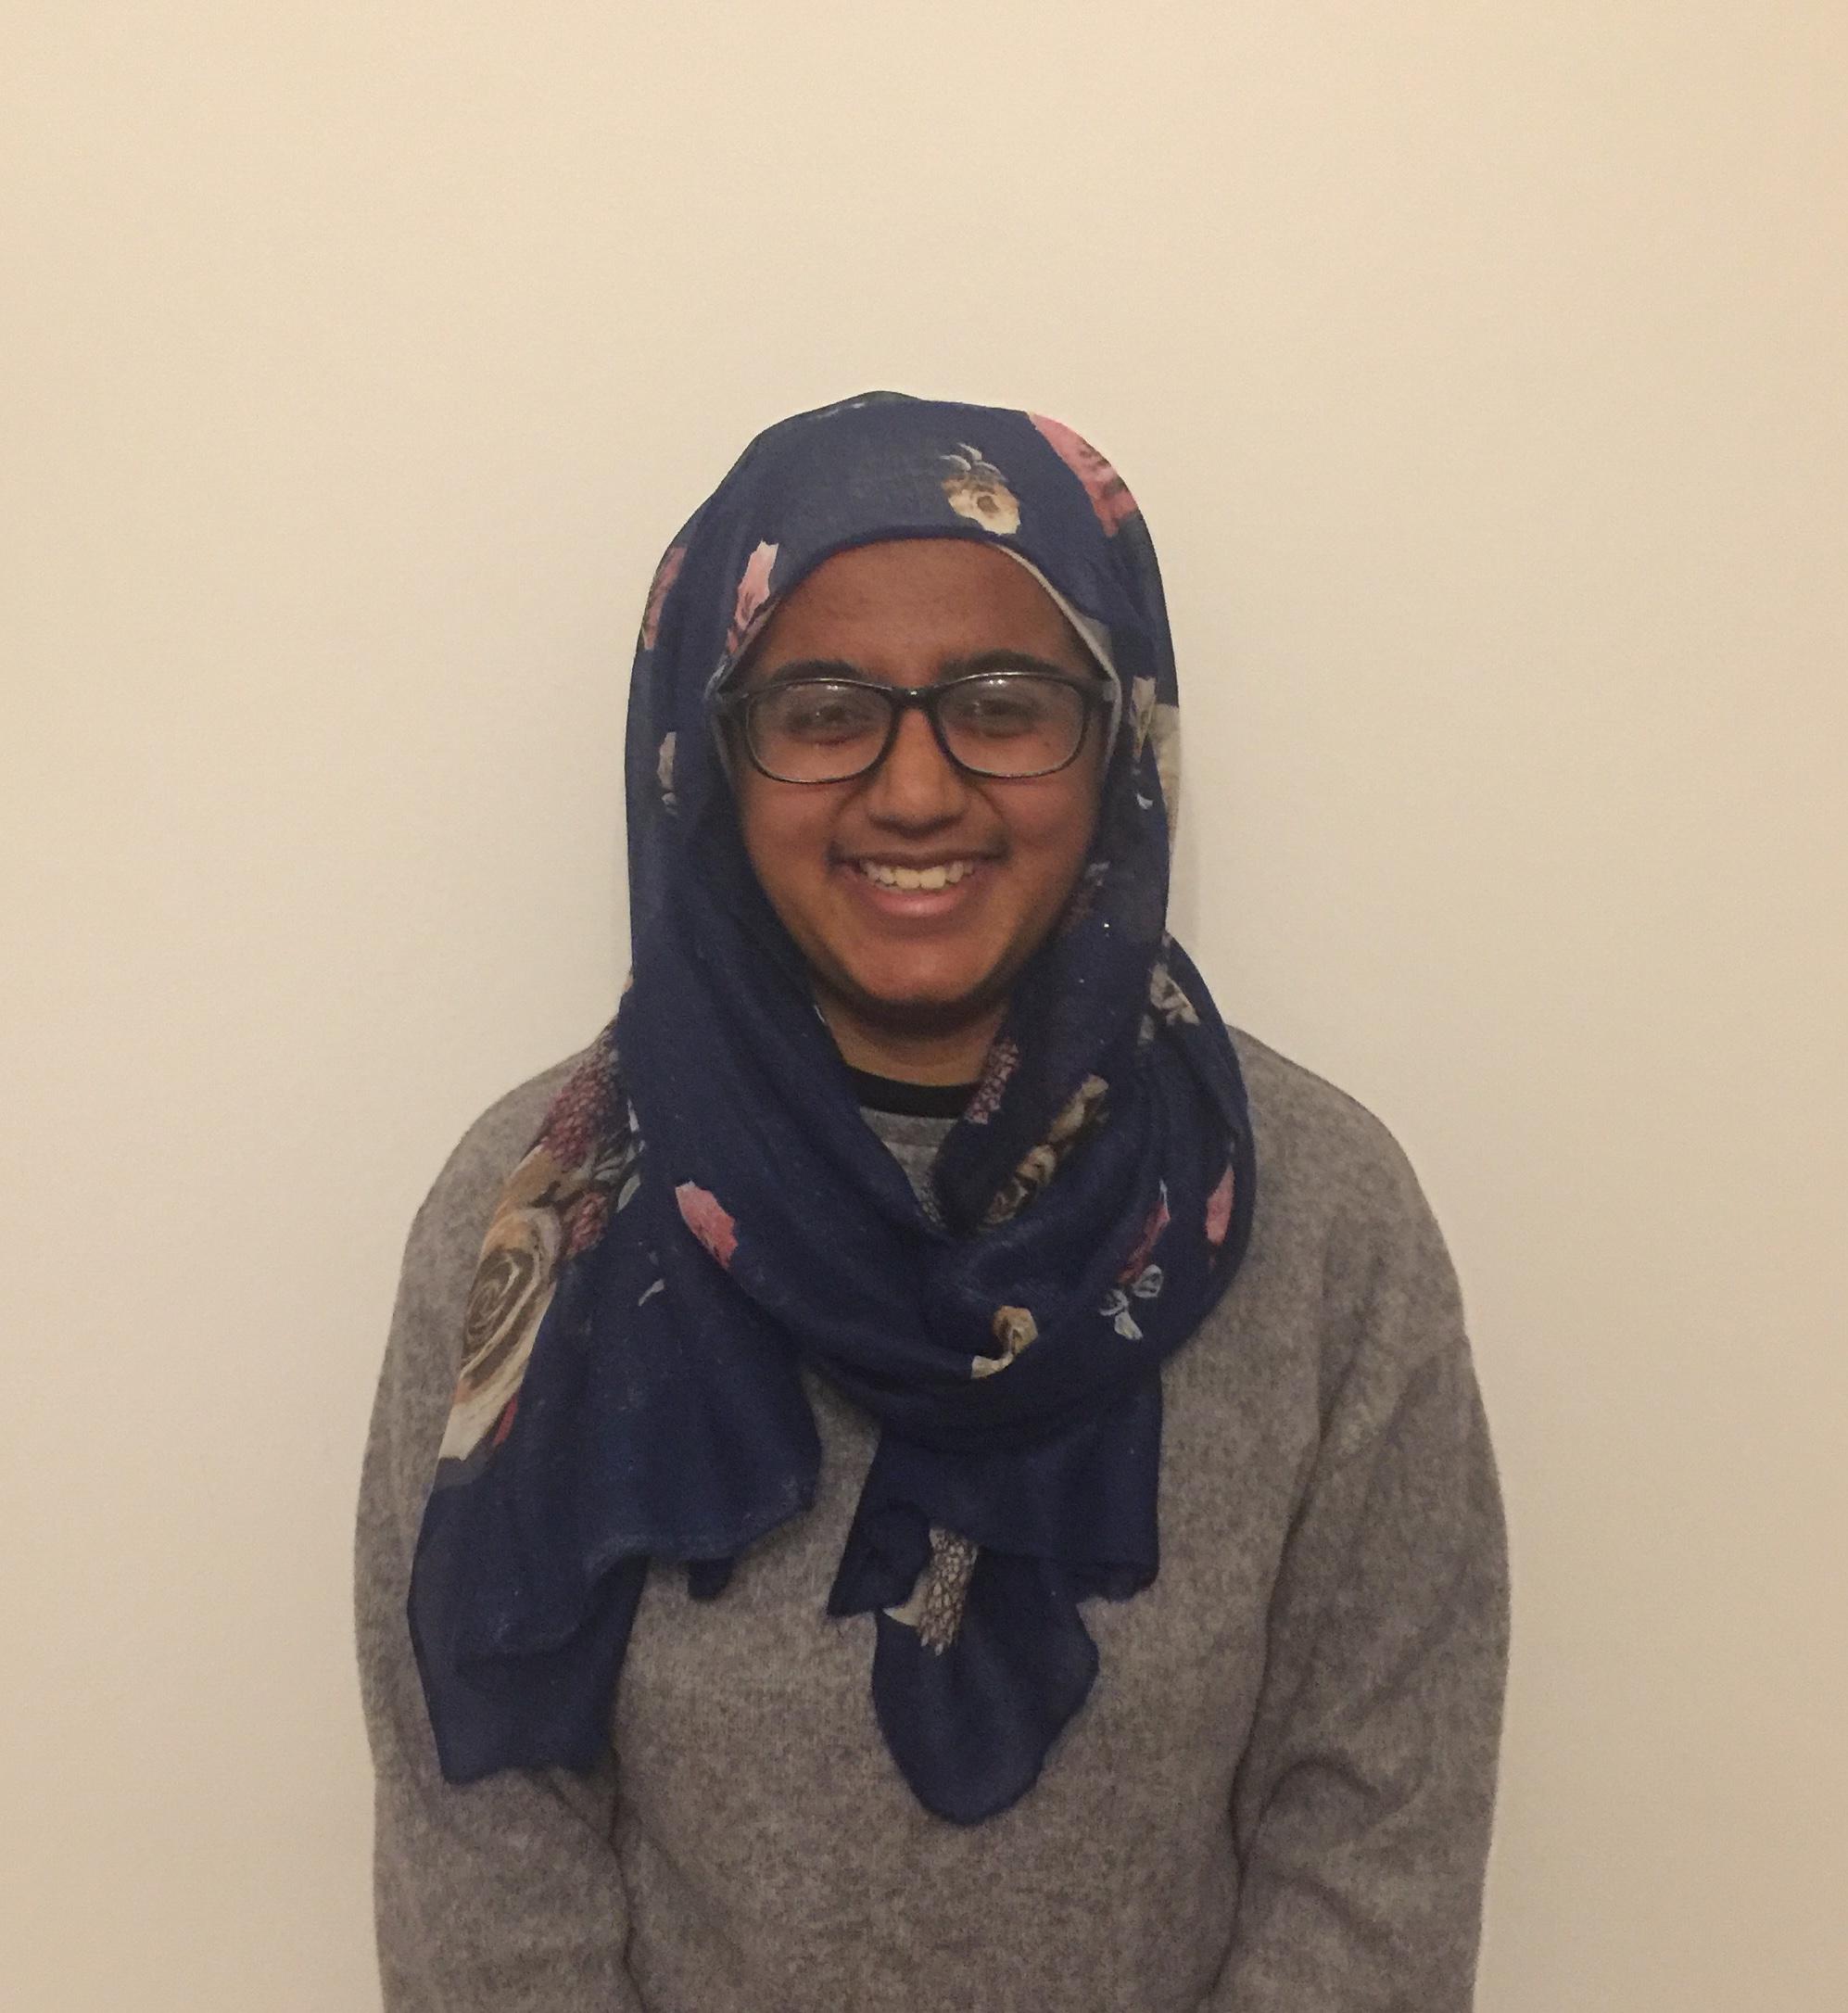 Asiyah Sheikh